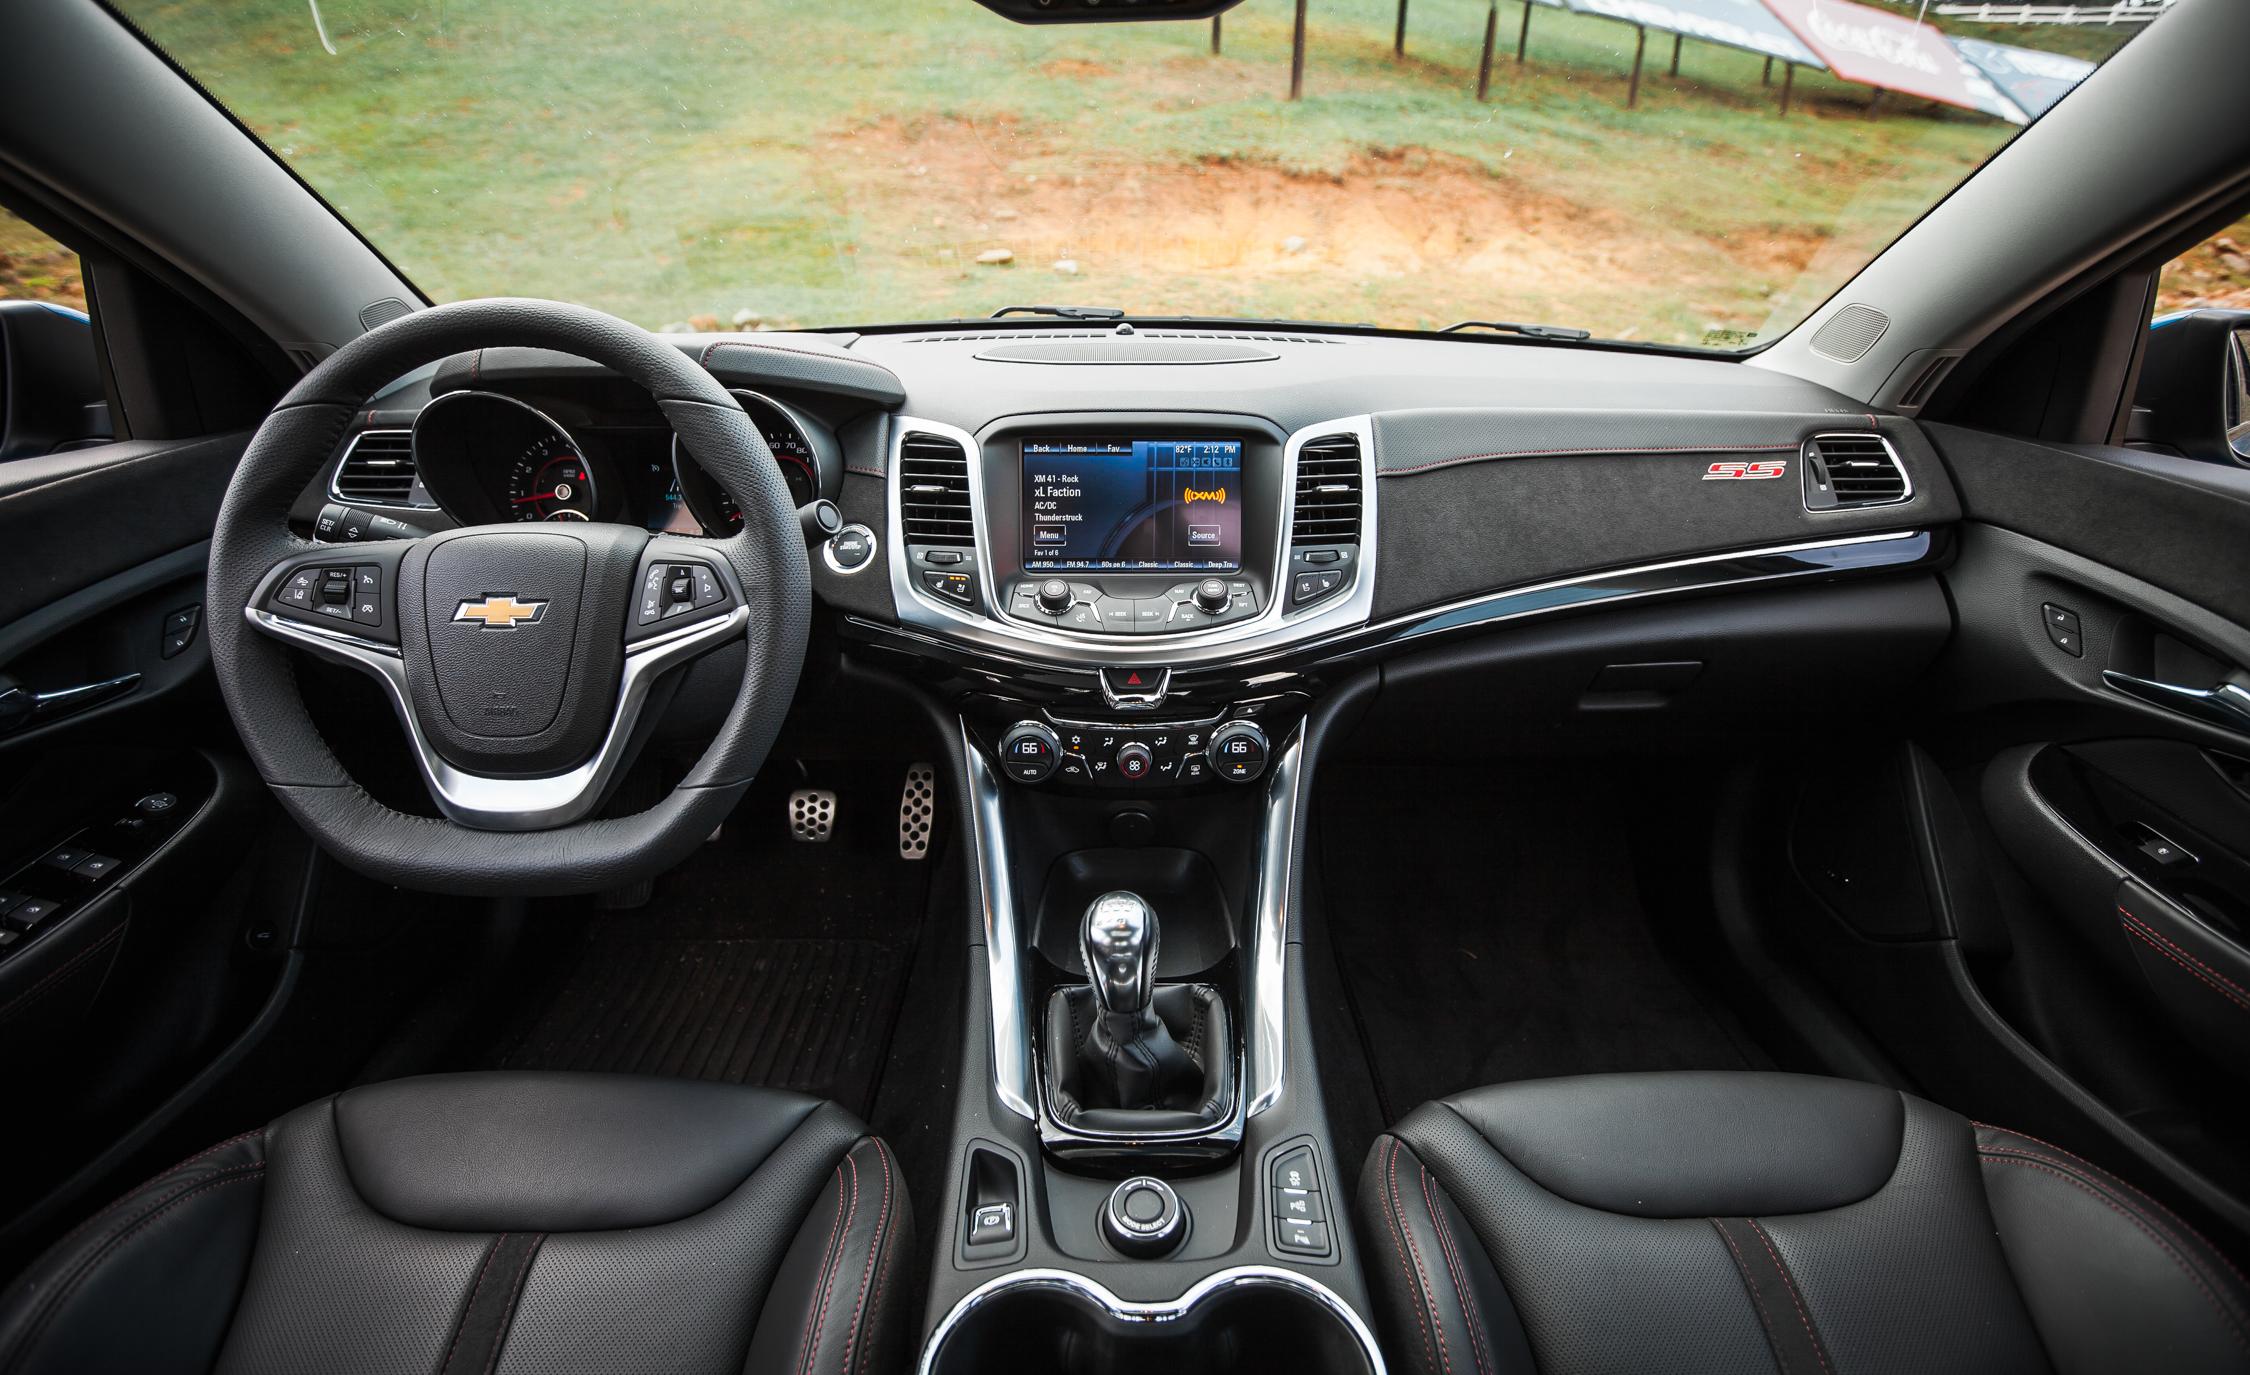 2015 Chevrolet SS Interior